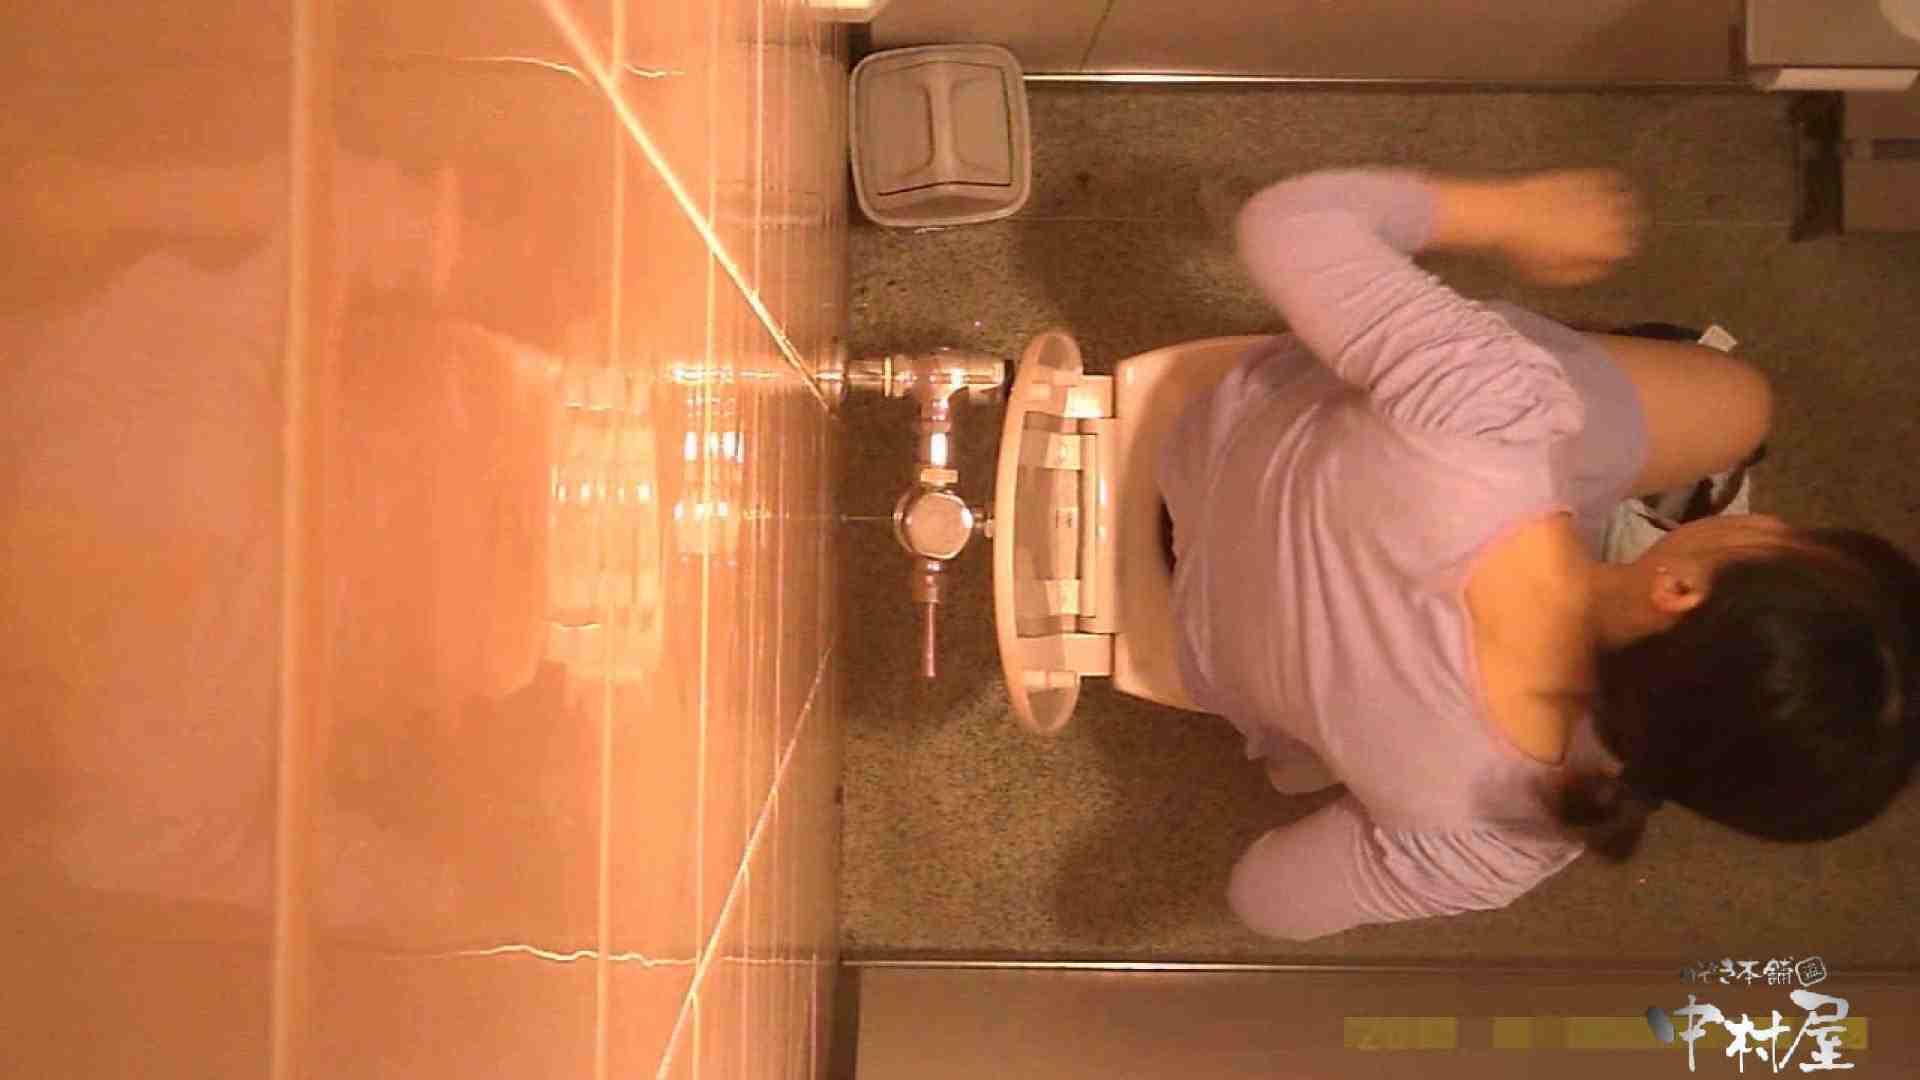 初盗撮!女盗撮師カレンさんの 潜入!女子トイレ盗撮!Vol.3 OLセックス  71画像 54